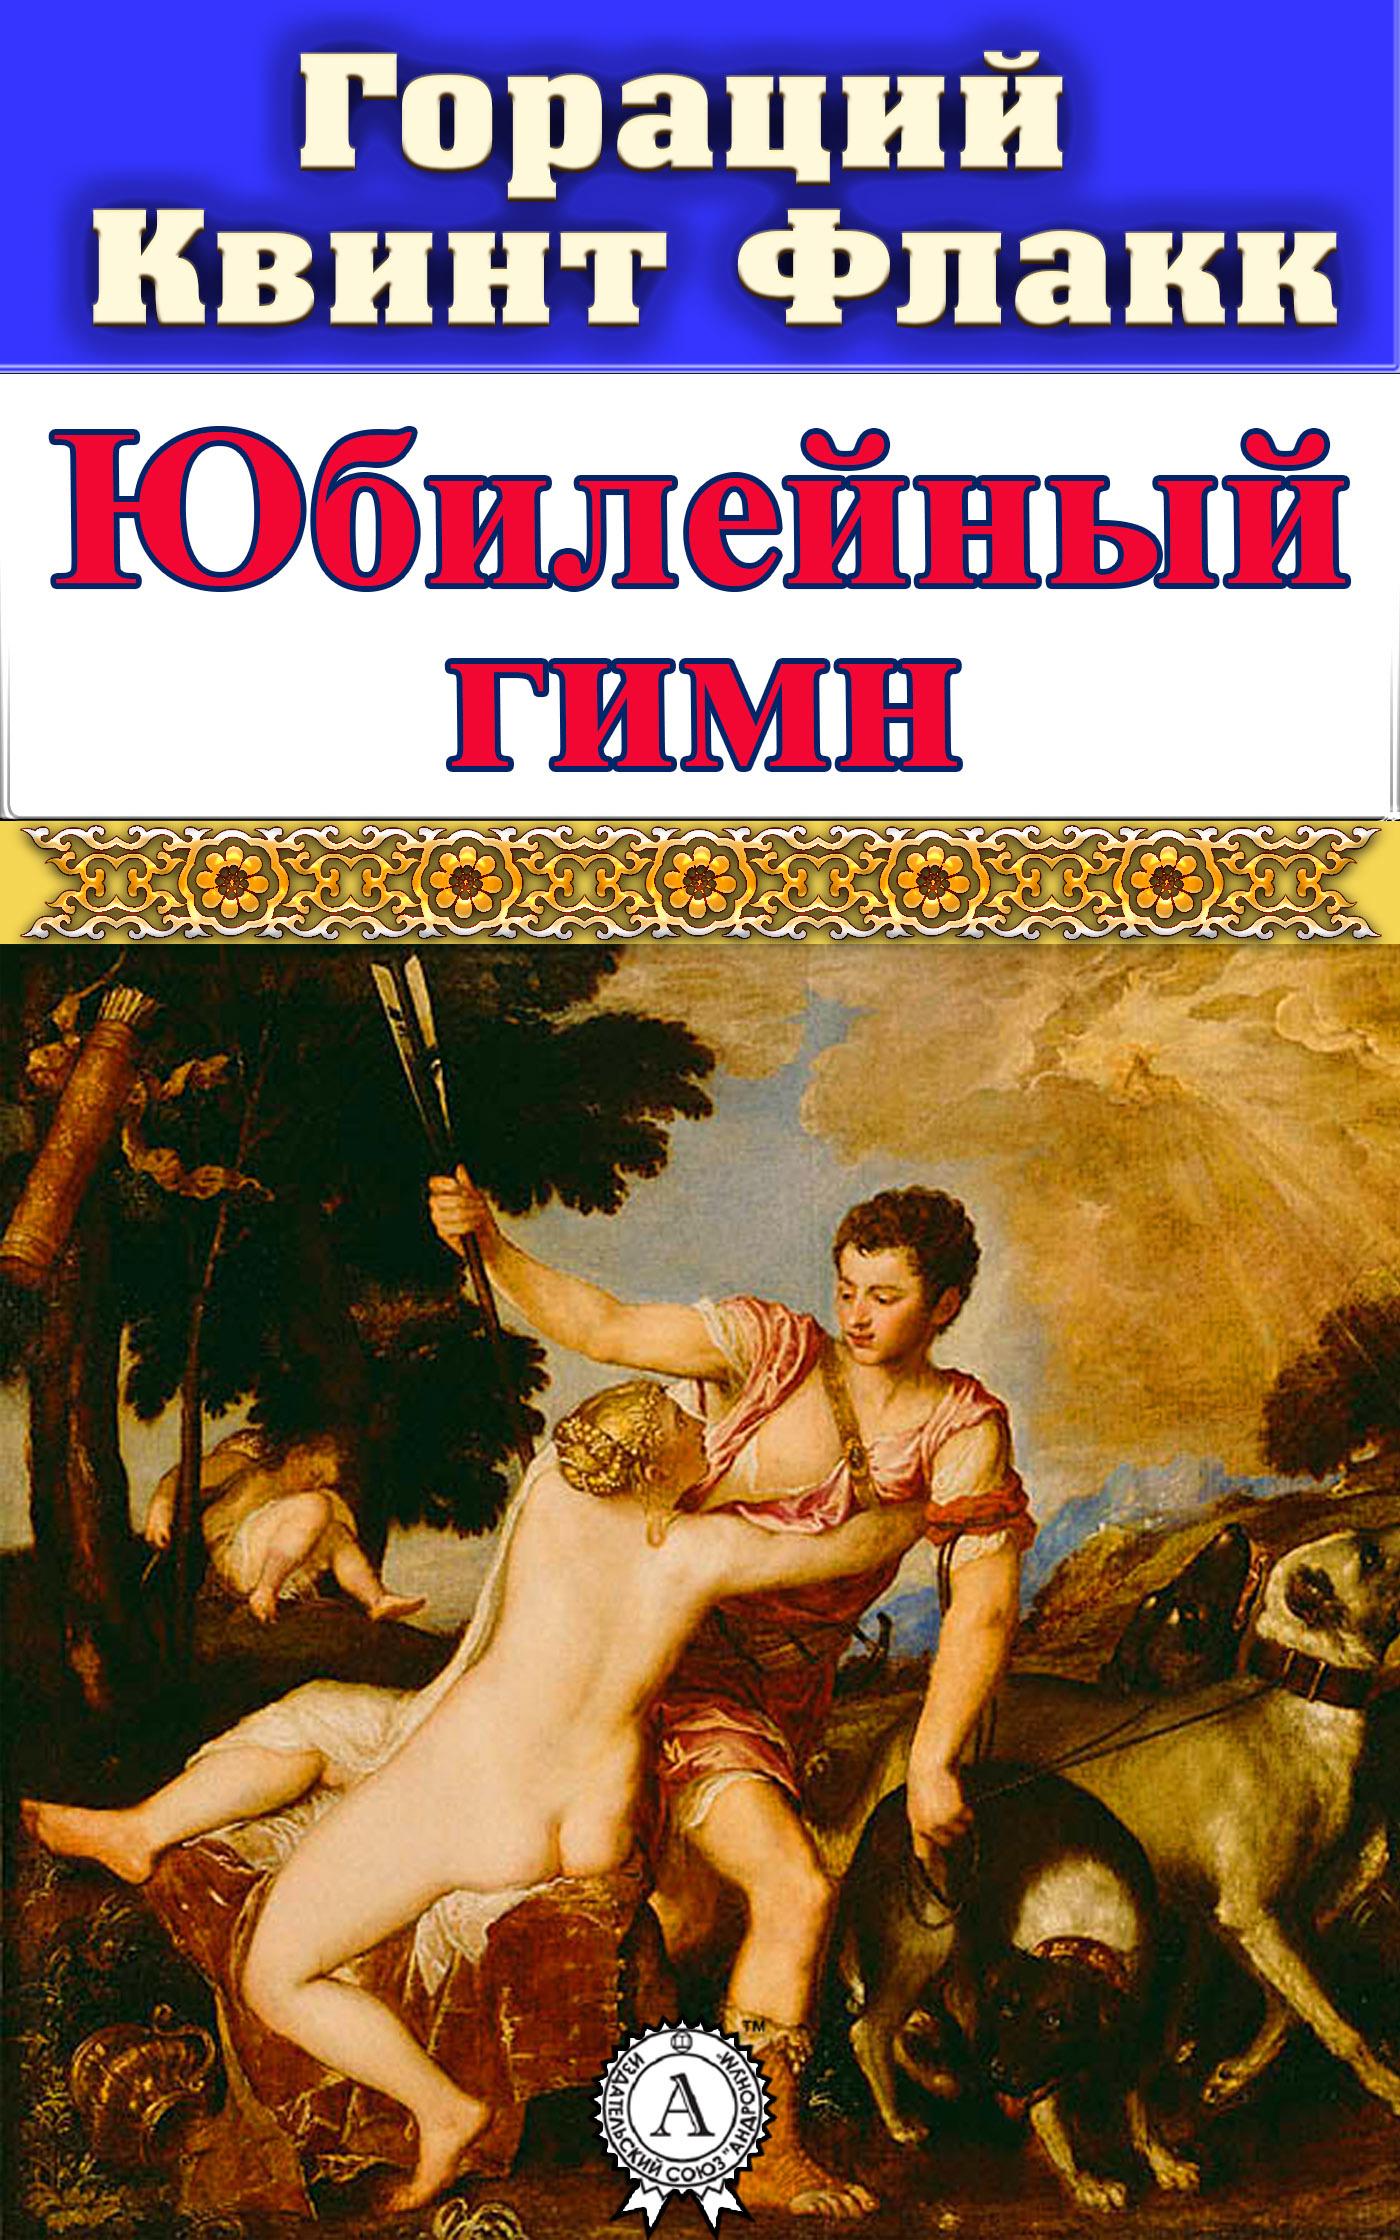 бесплатно книгу Гораций Квинт Флакк скачать с сайта